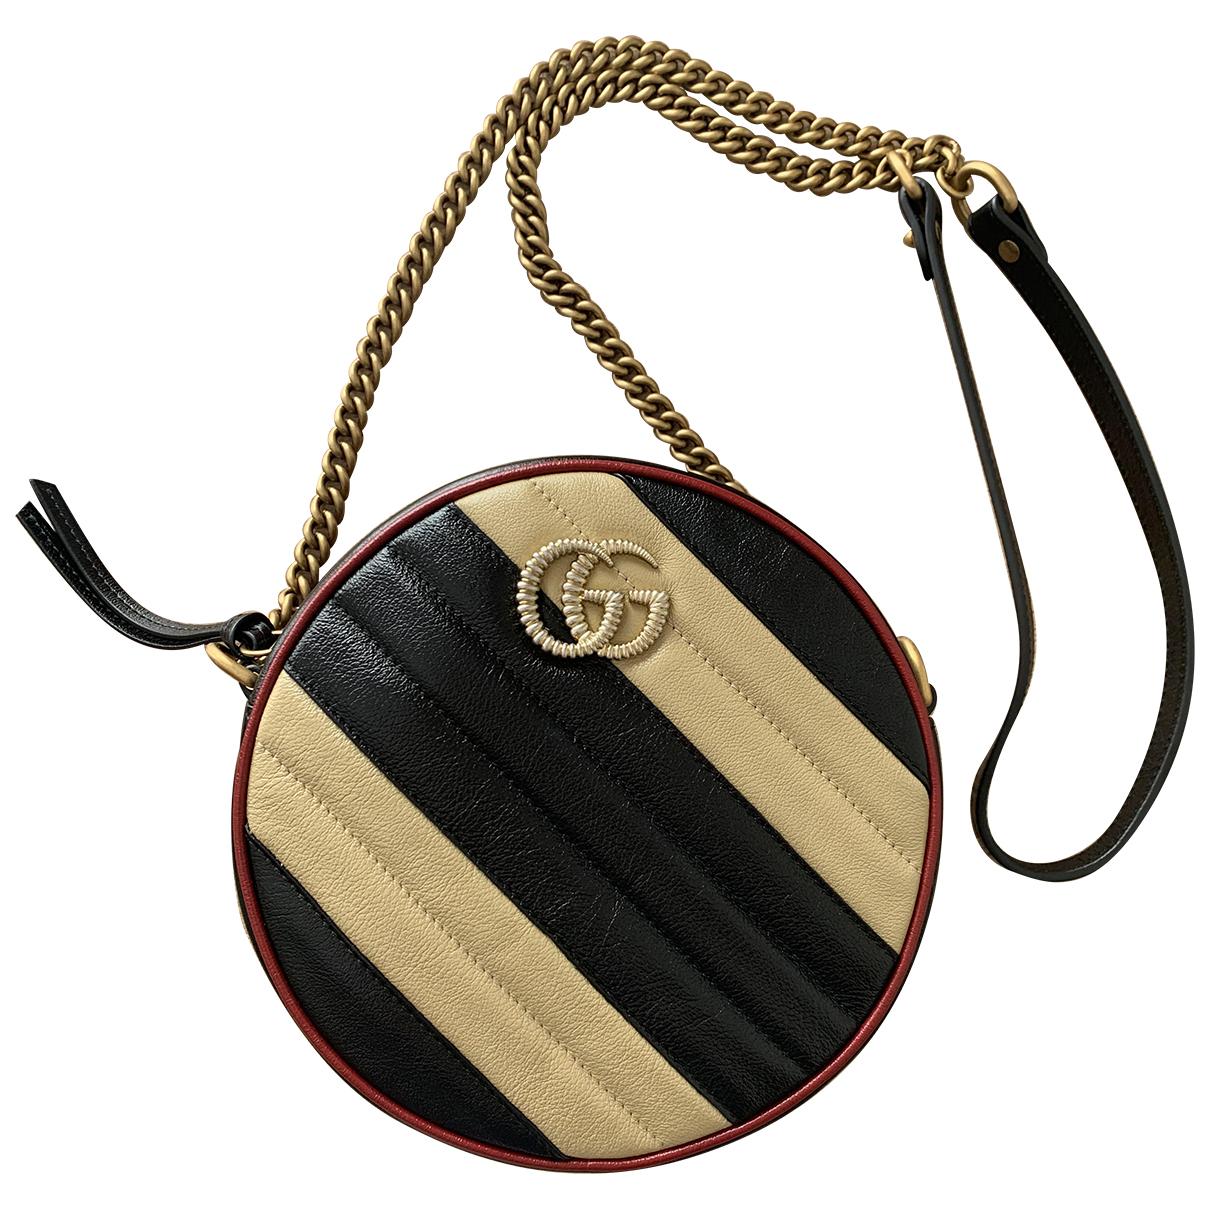 Gucci GG Marmont Circle Handtasche in  Beige Leder